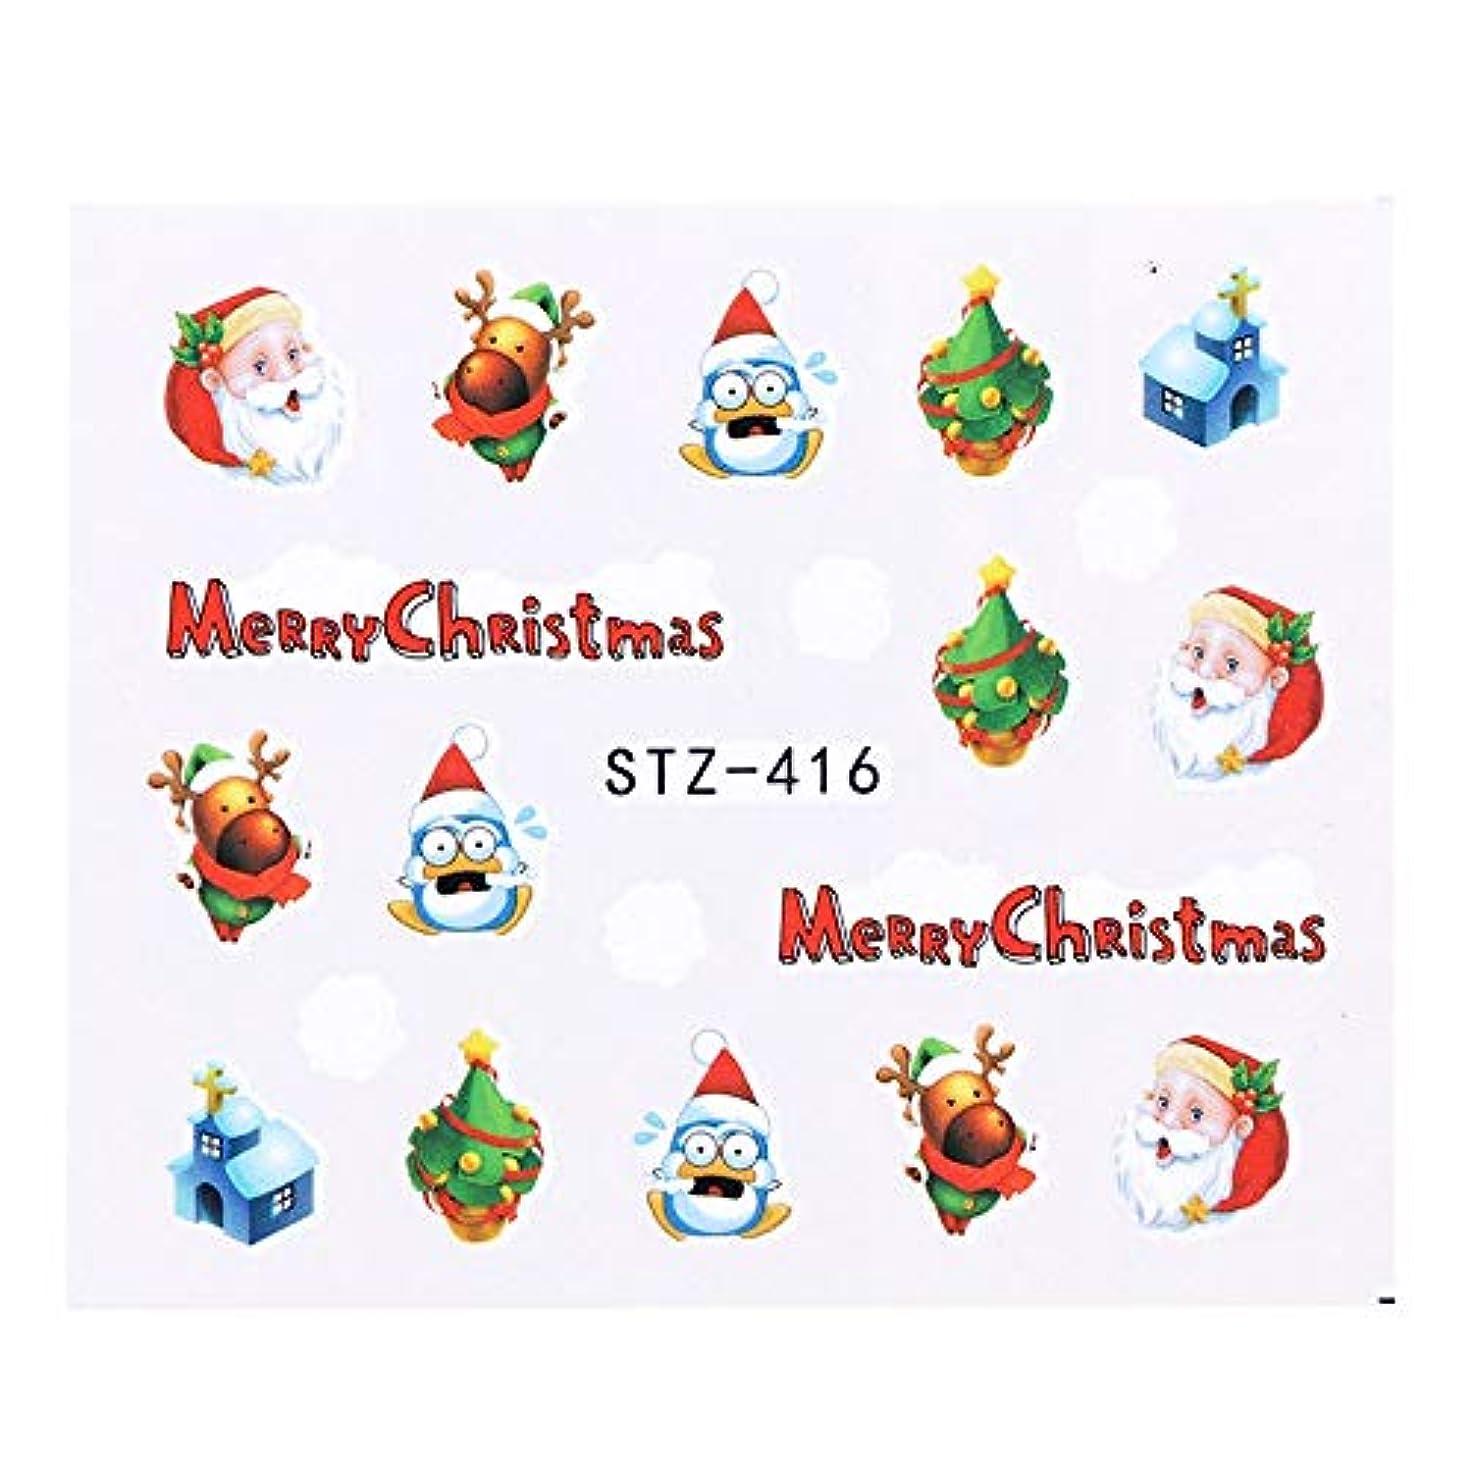 お誕生日増幅器ハドル1シートクリスマスネイルアートウォーターステッカー漫画ヘラジカ雪だるまフルカバースライダーのヒントポーランドゲルジェルネイル装飾SASTZ405-438 STZ416